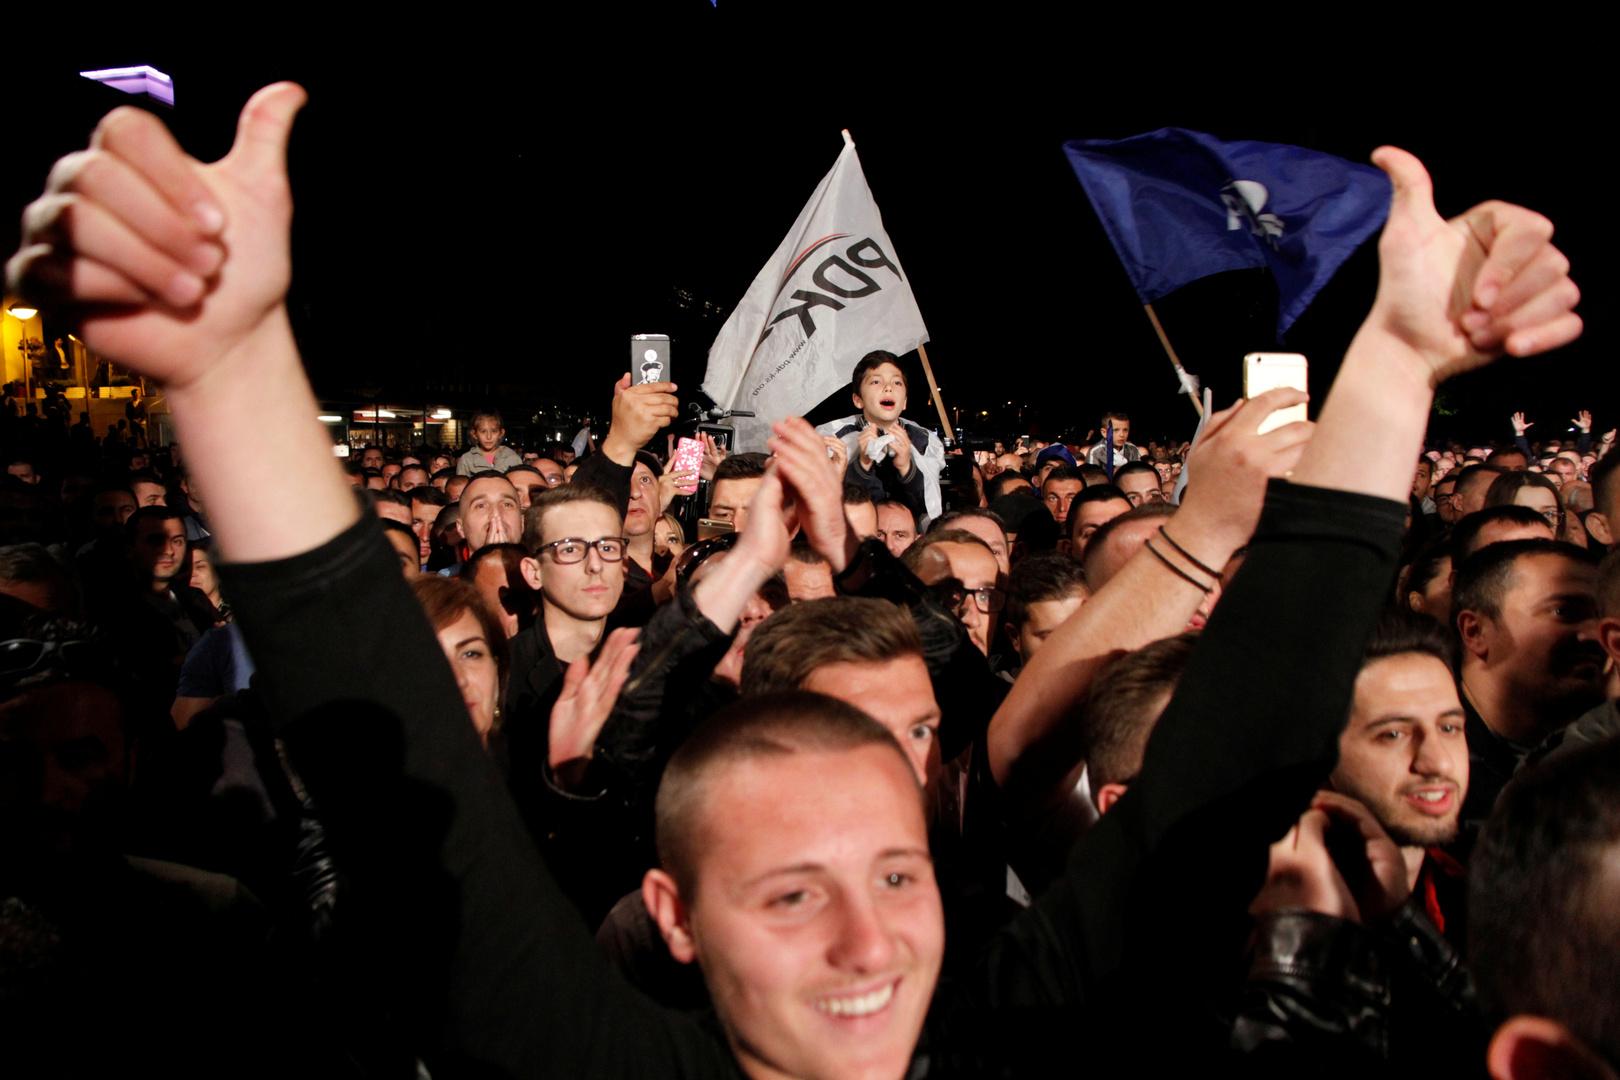 كورونا ساعد بسقوط أول حكومة أوروبية